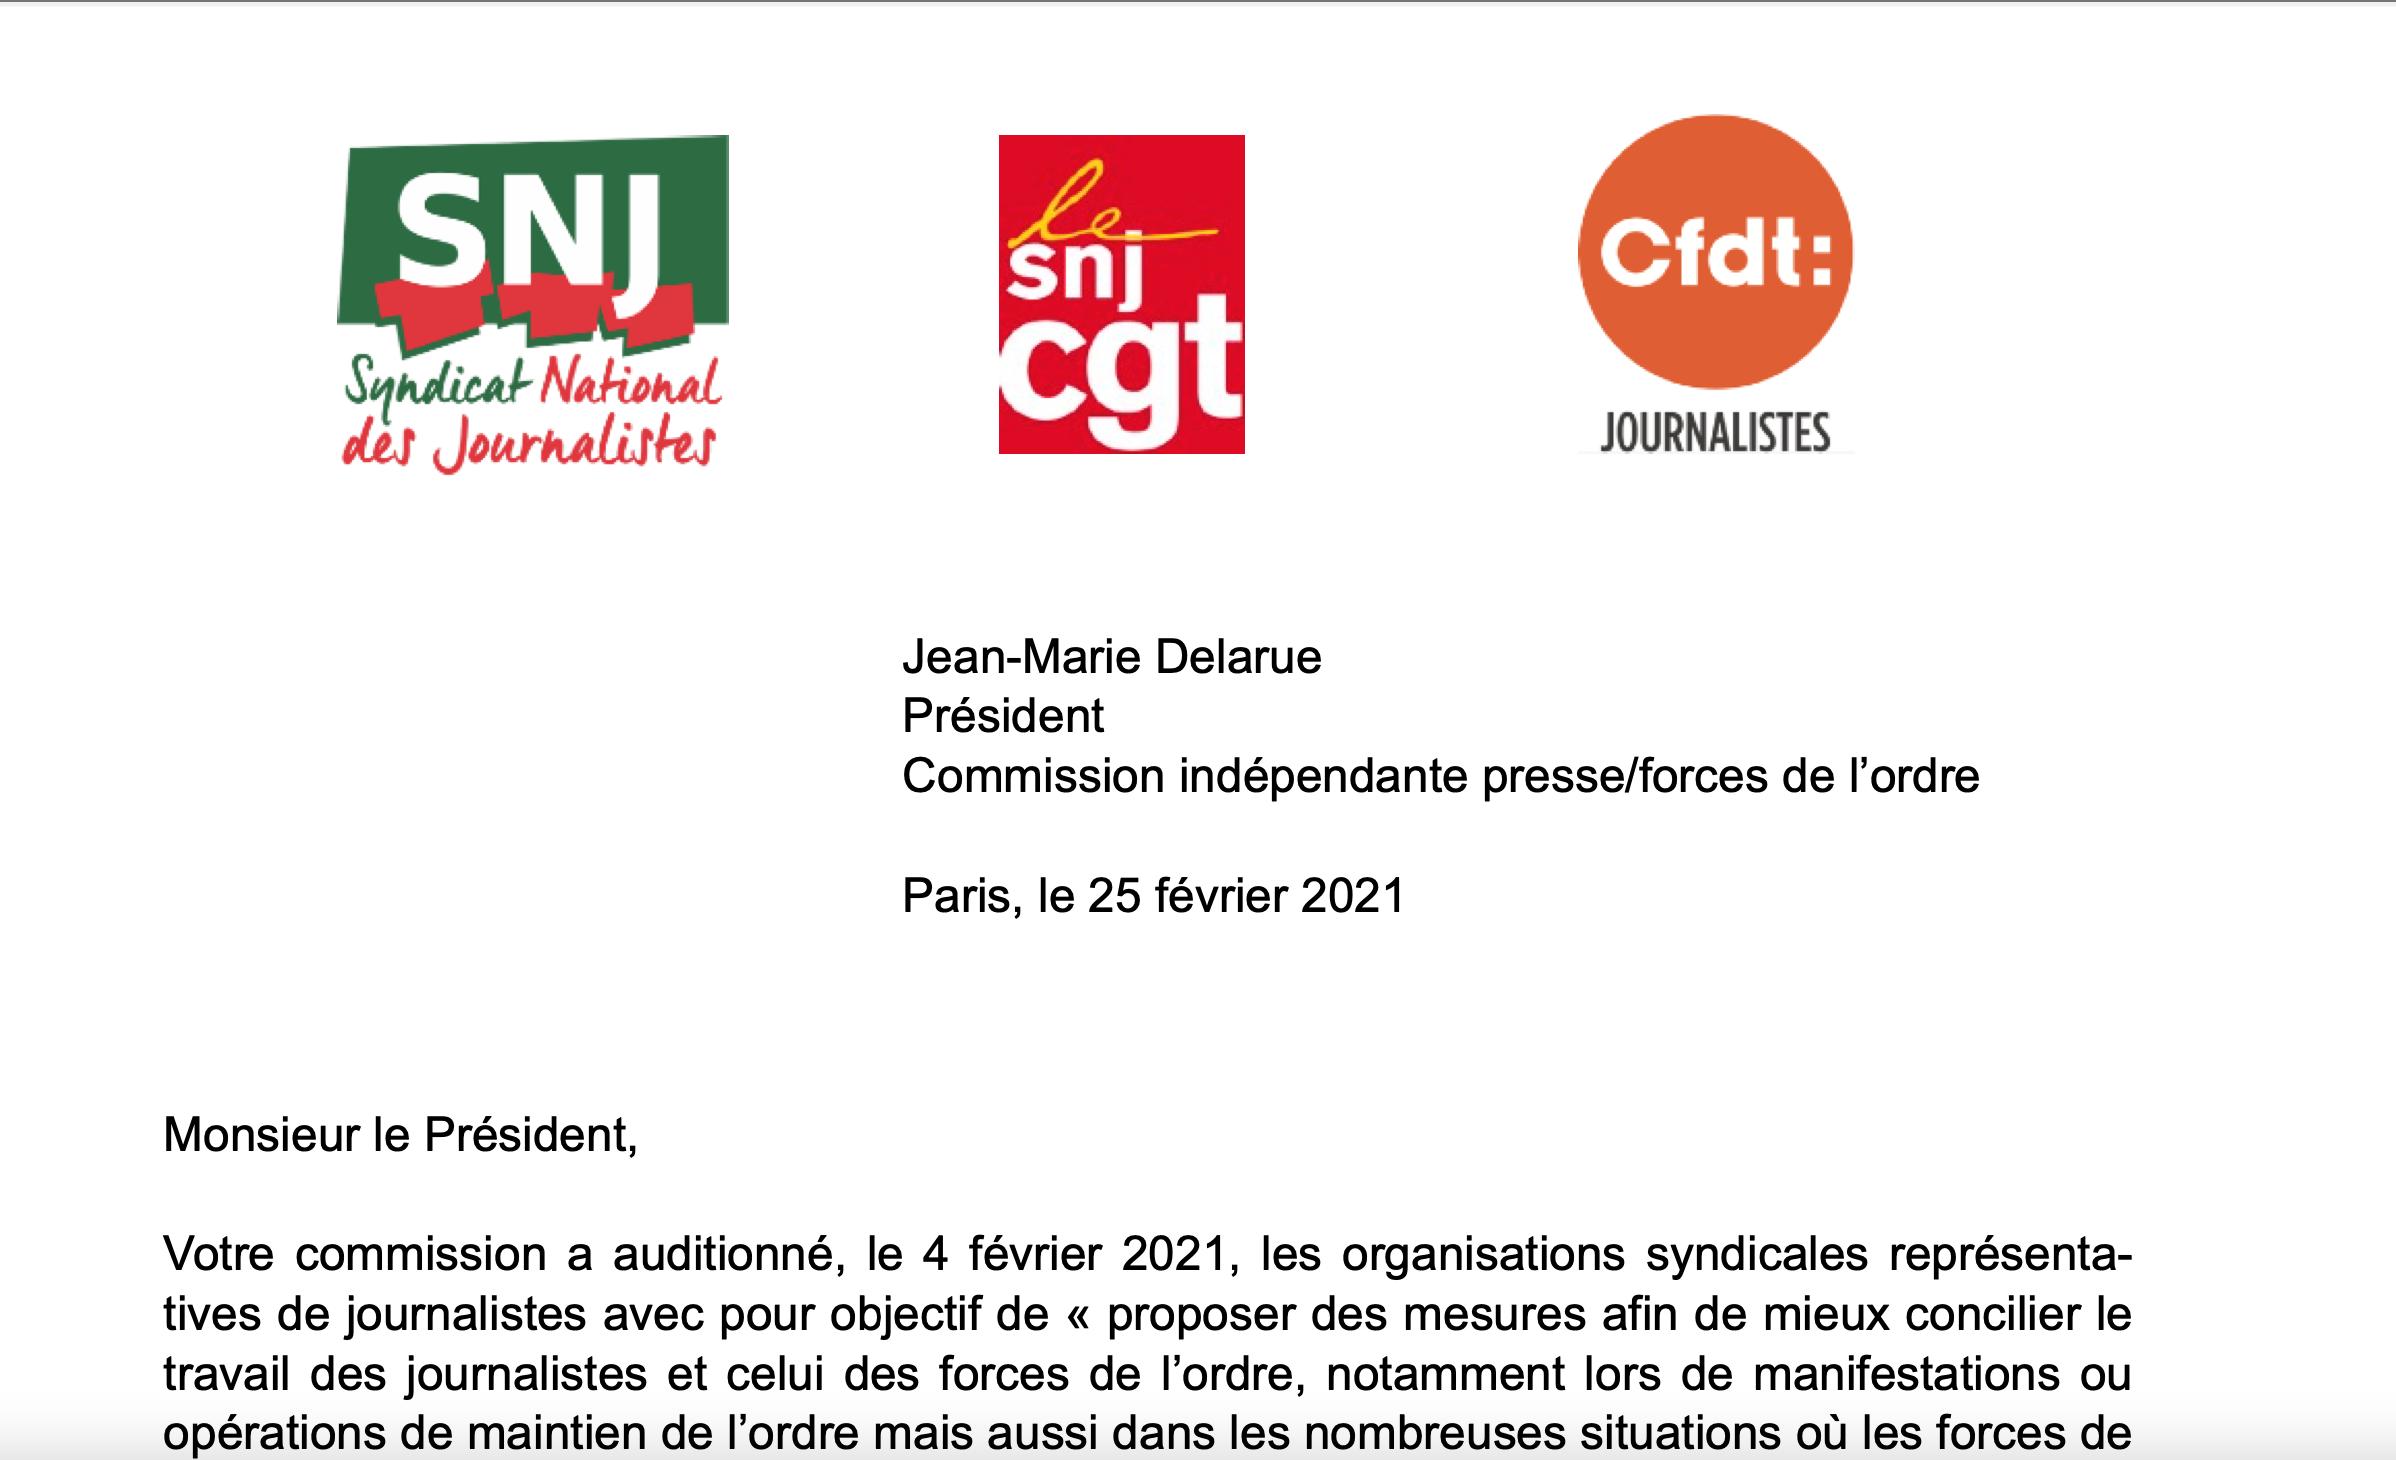 Journalistes et forces de l'ordre : constats et propositions à la commission Delarue